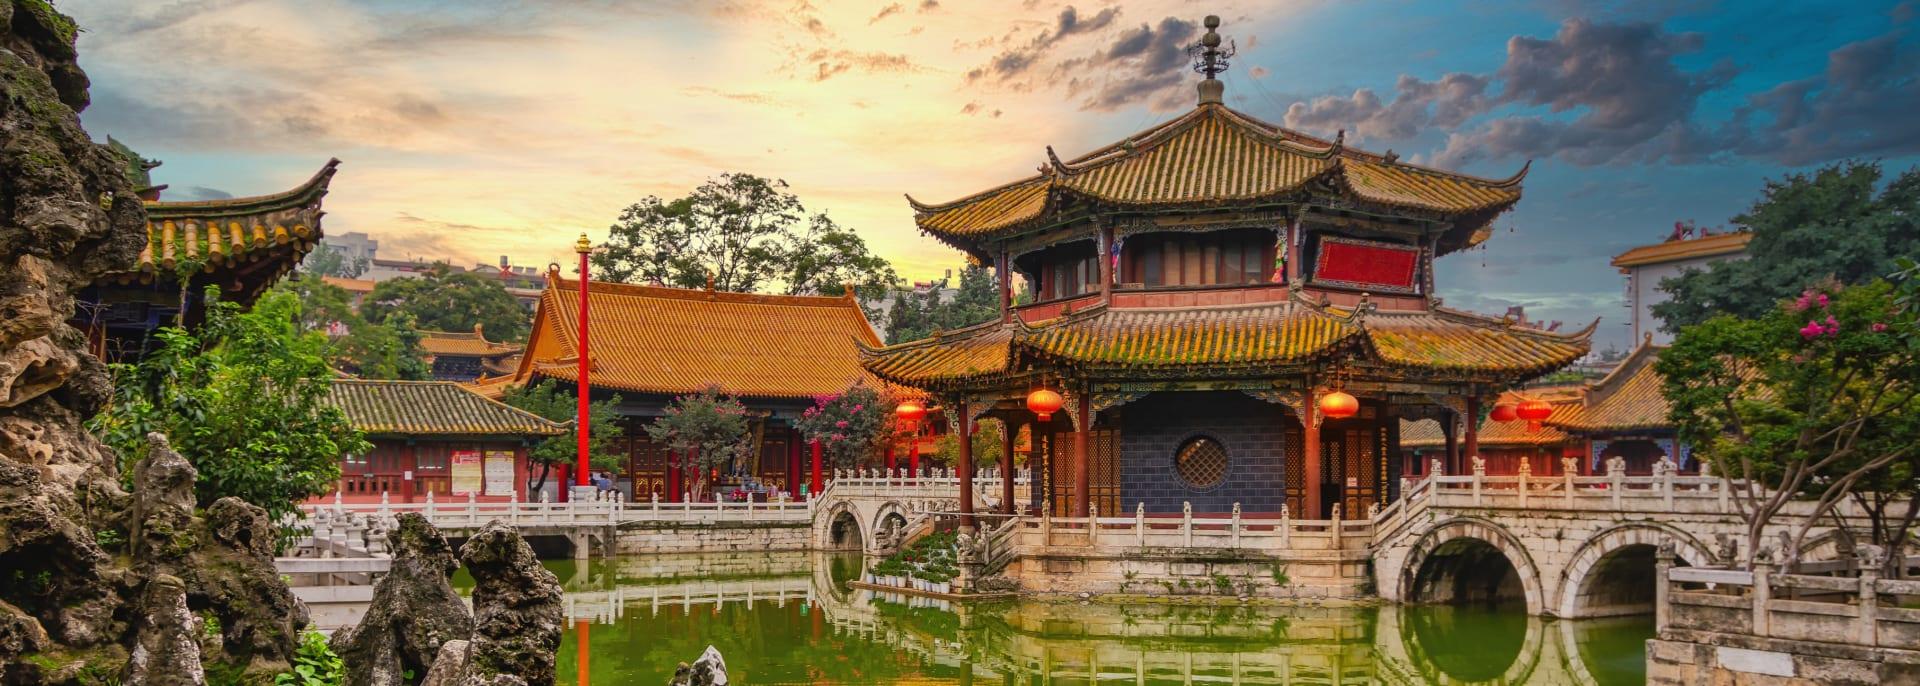 Yuantong, Kunming, China